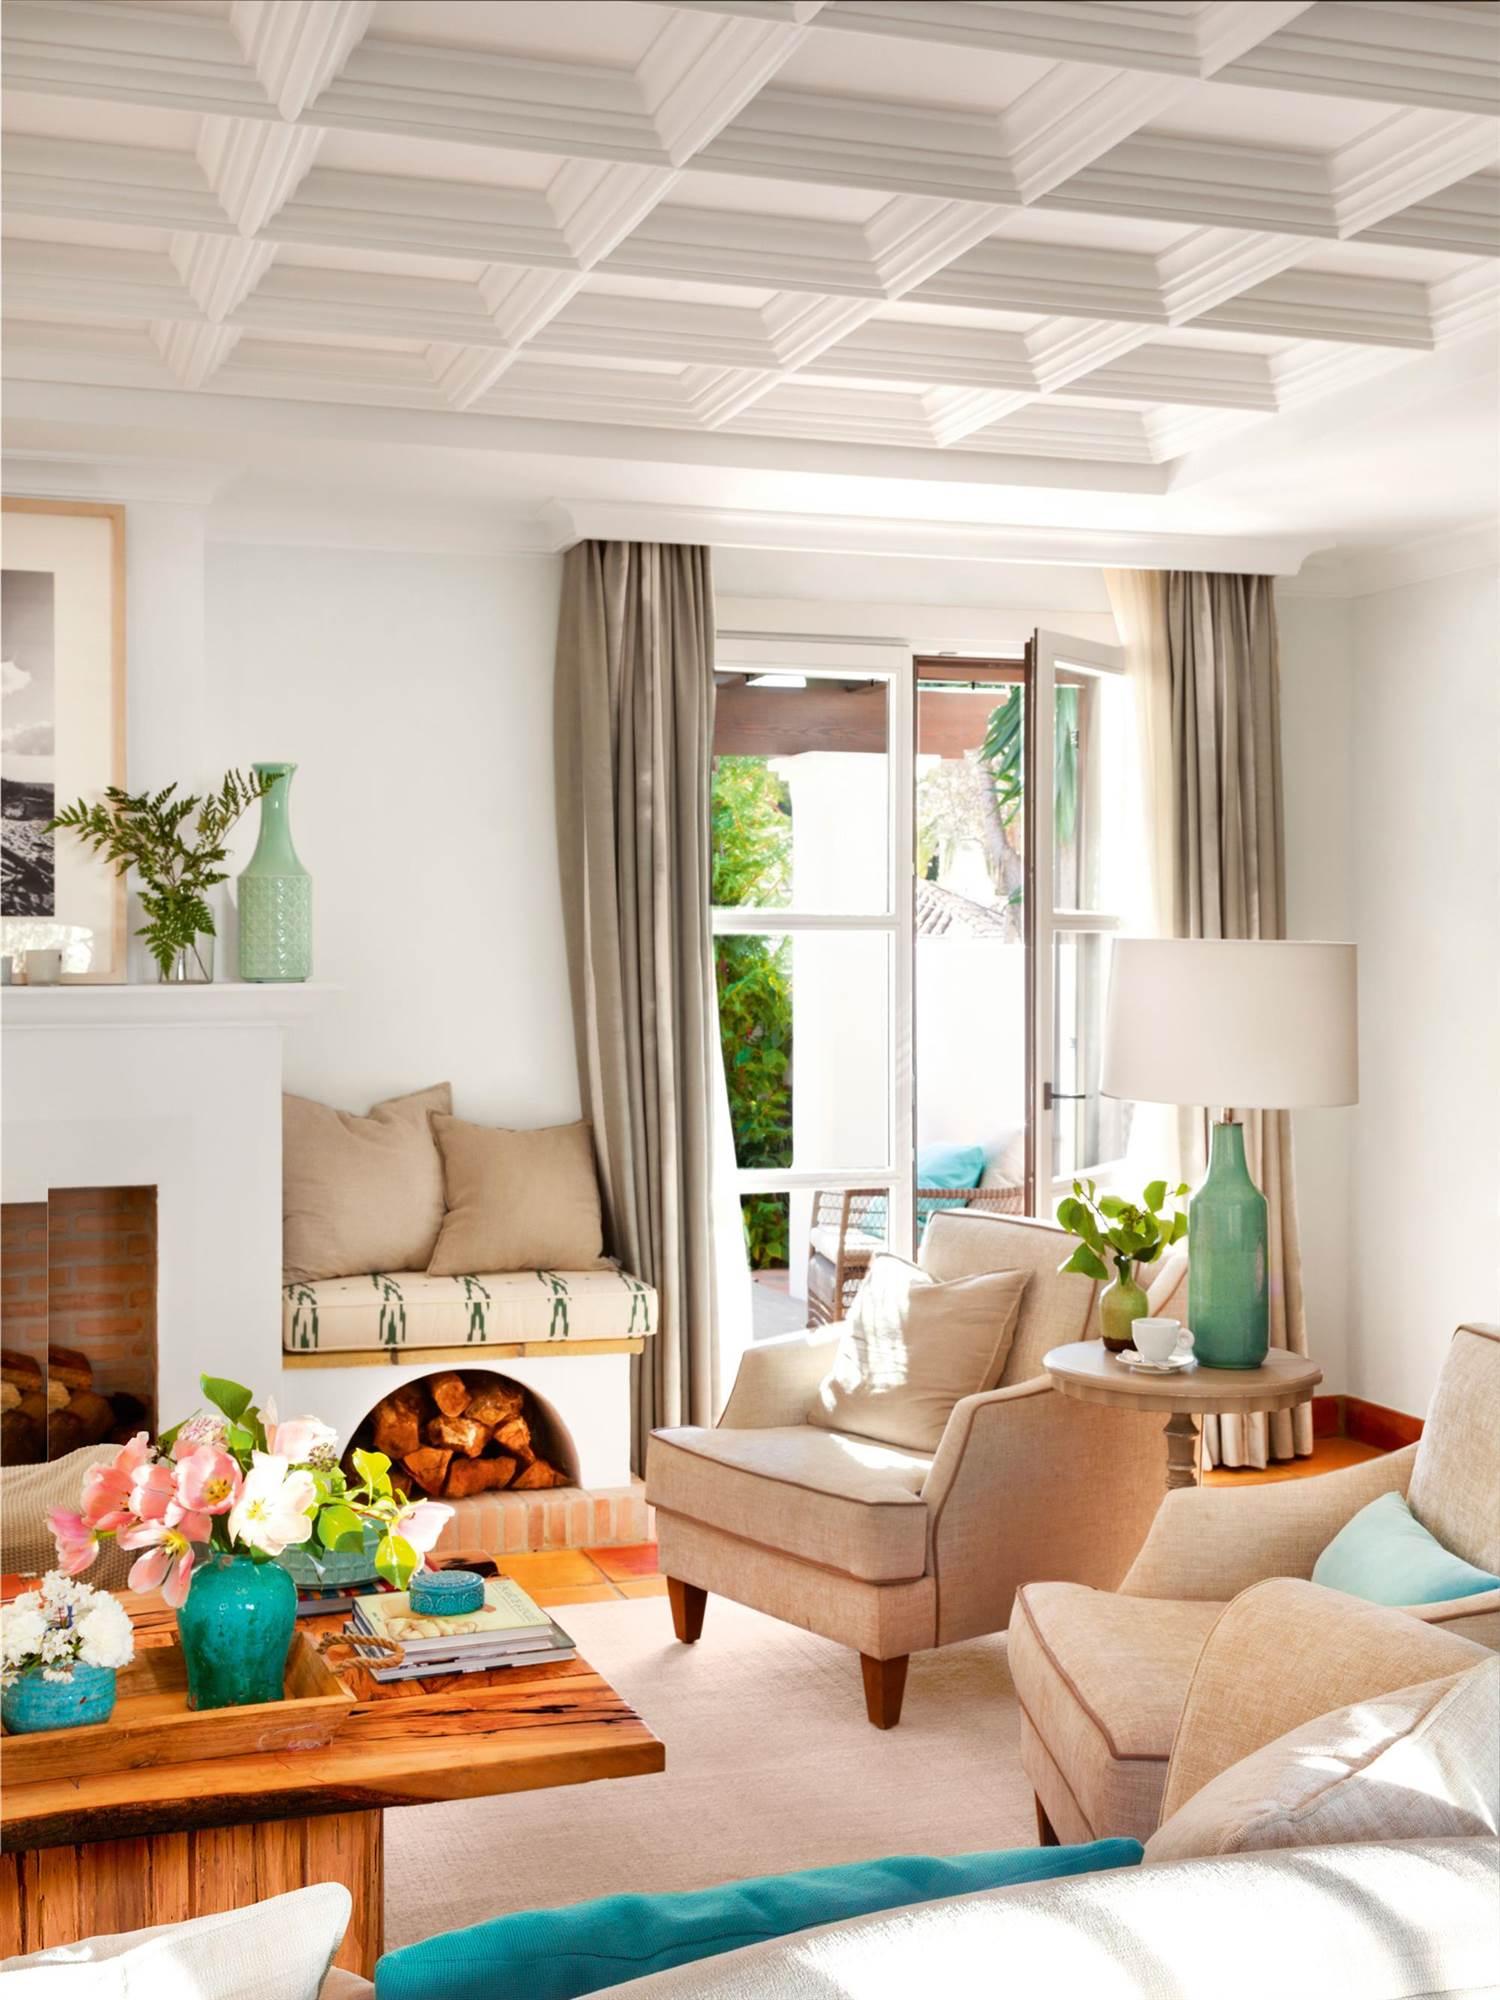 salon-moderno-con-cuadricula-de-molduras-en-el-techo_00429540_10e0e251_1500x2000